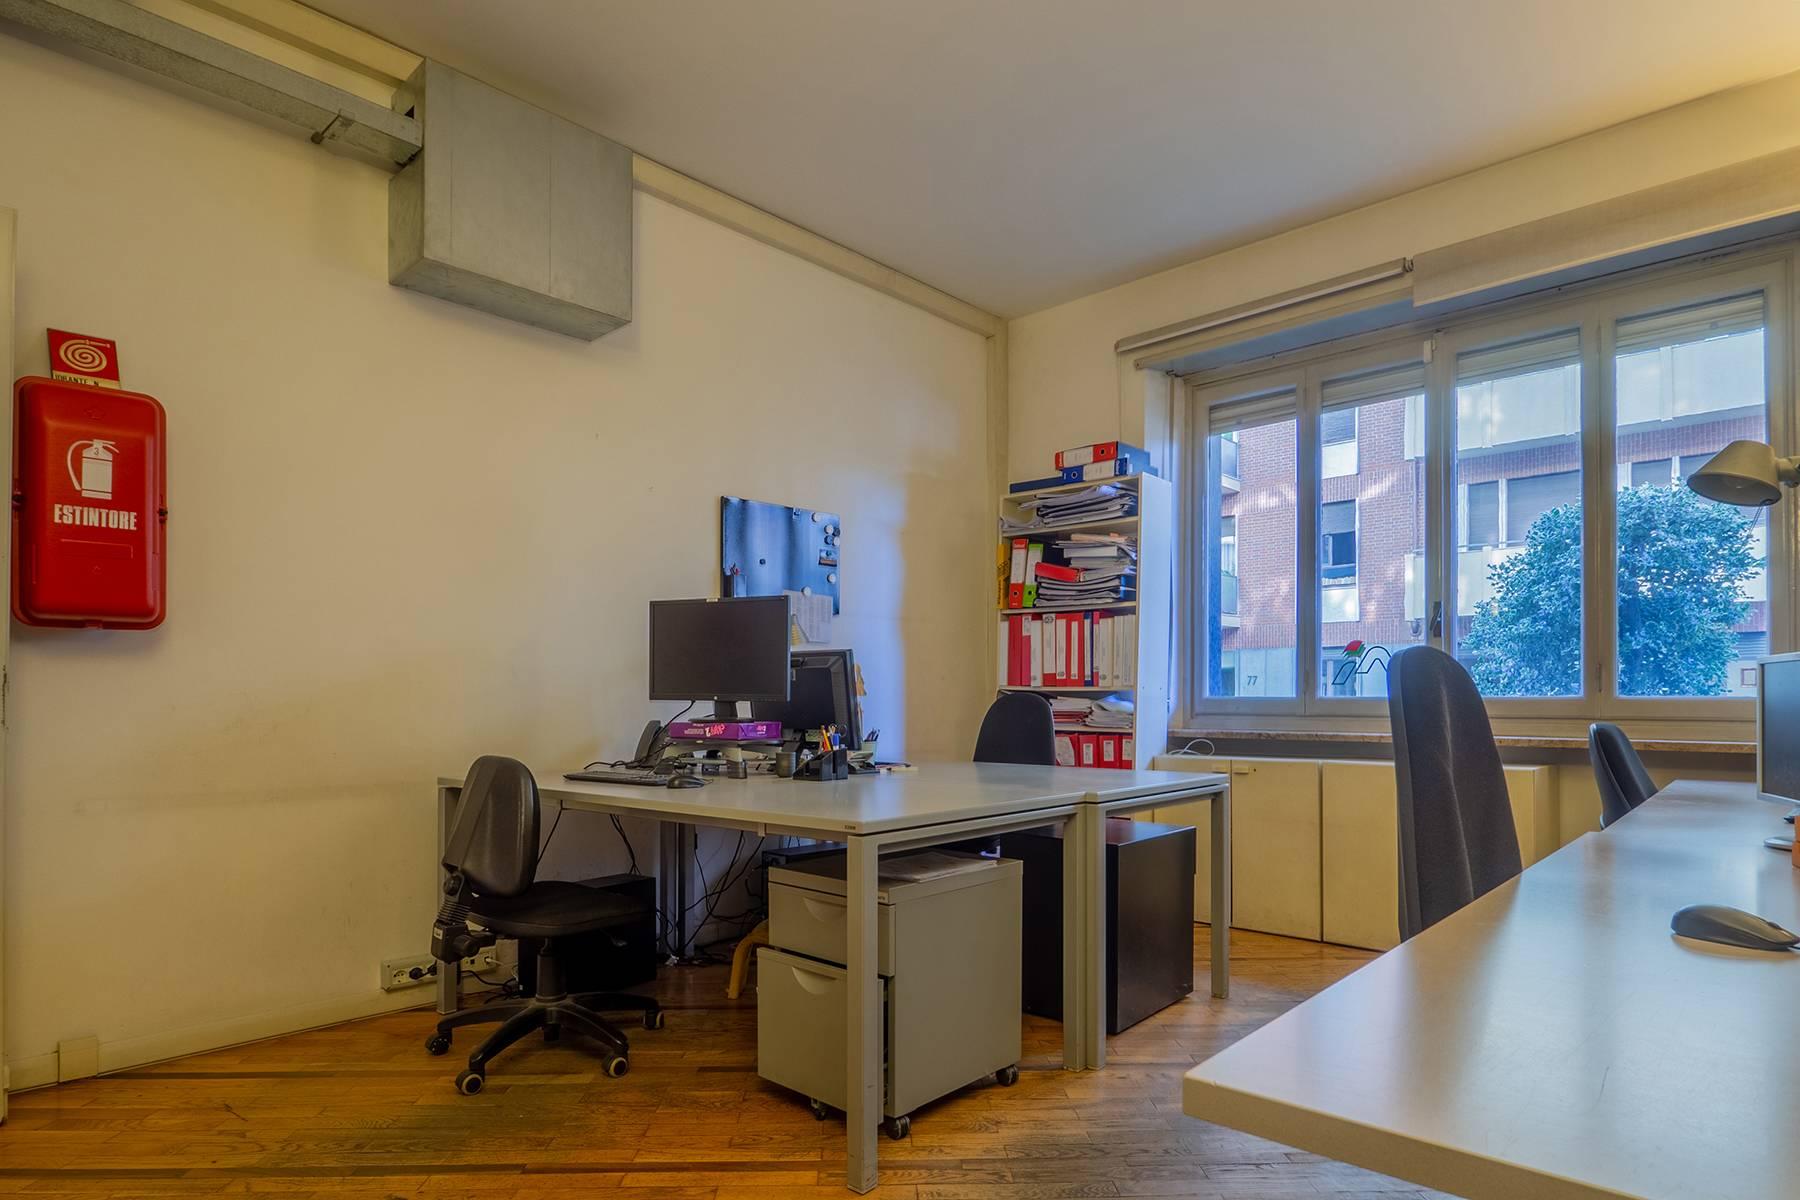 Ufficio-studio in Vendita a Torino: 2 locali, 89 mq - Foto 9